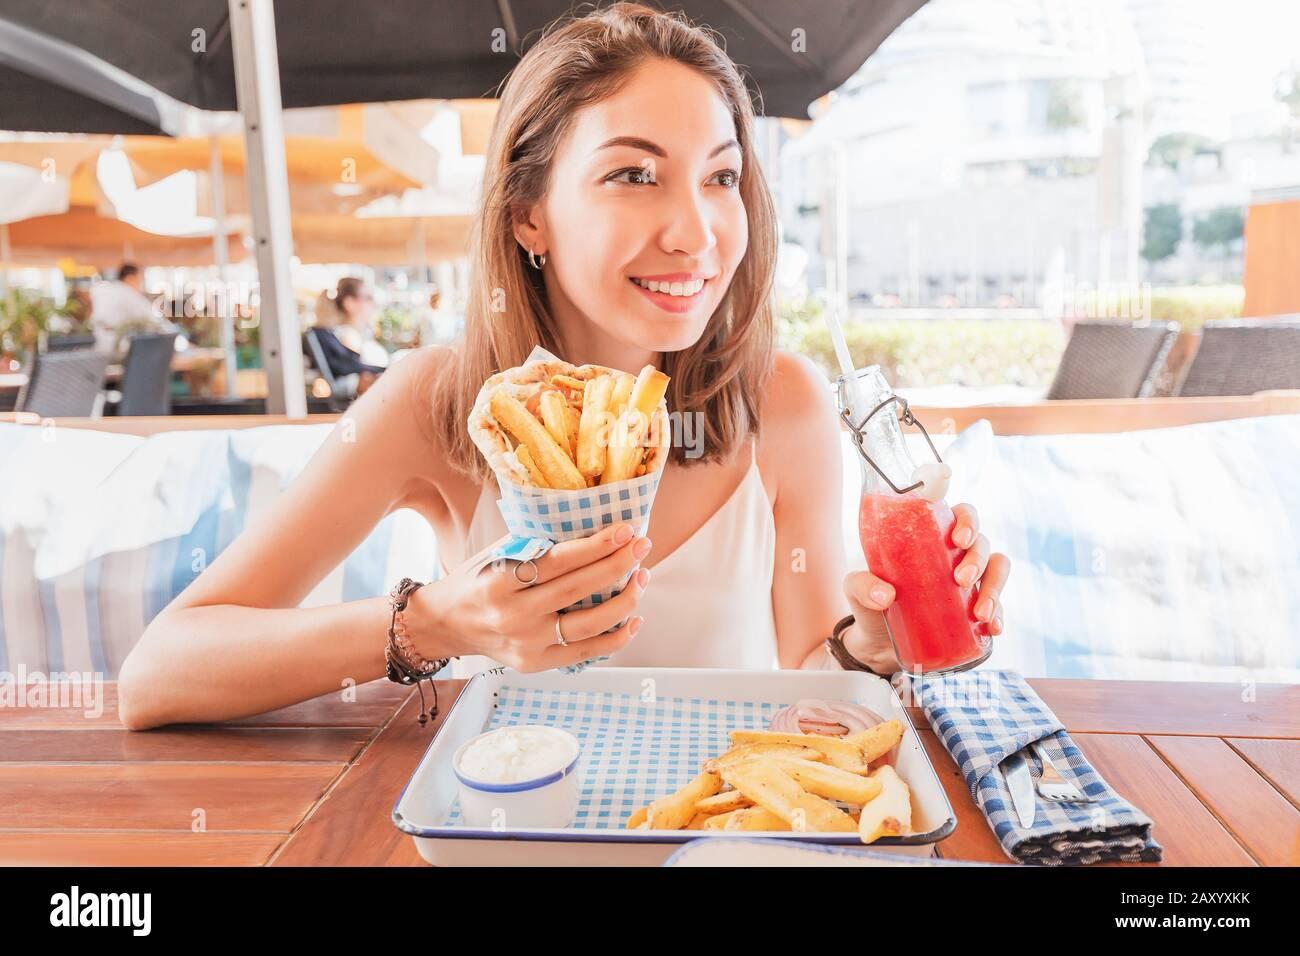 ragazza in street food caffè mangia gustosi e succosa giros con pita. Concetto di cucina mediorientale Foto Stock